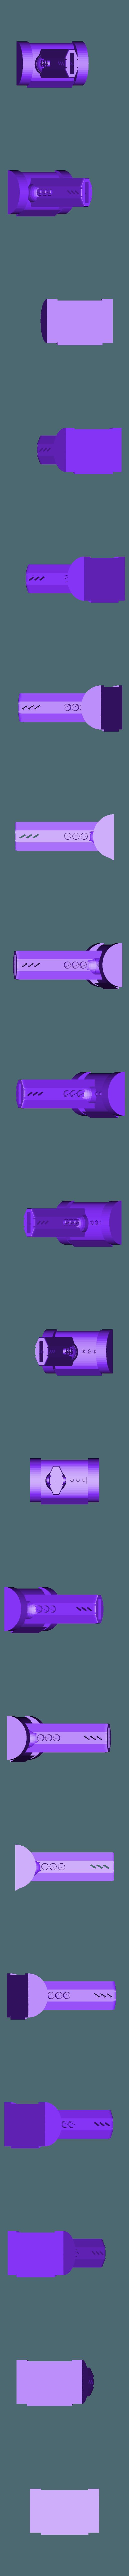 4_rad_rail_gun.stl Télécharger fichier STL gratuit Options d'armes pour 4 Rad Sturmwagen • Objet pour imprimante 3D, redstarkits